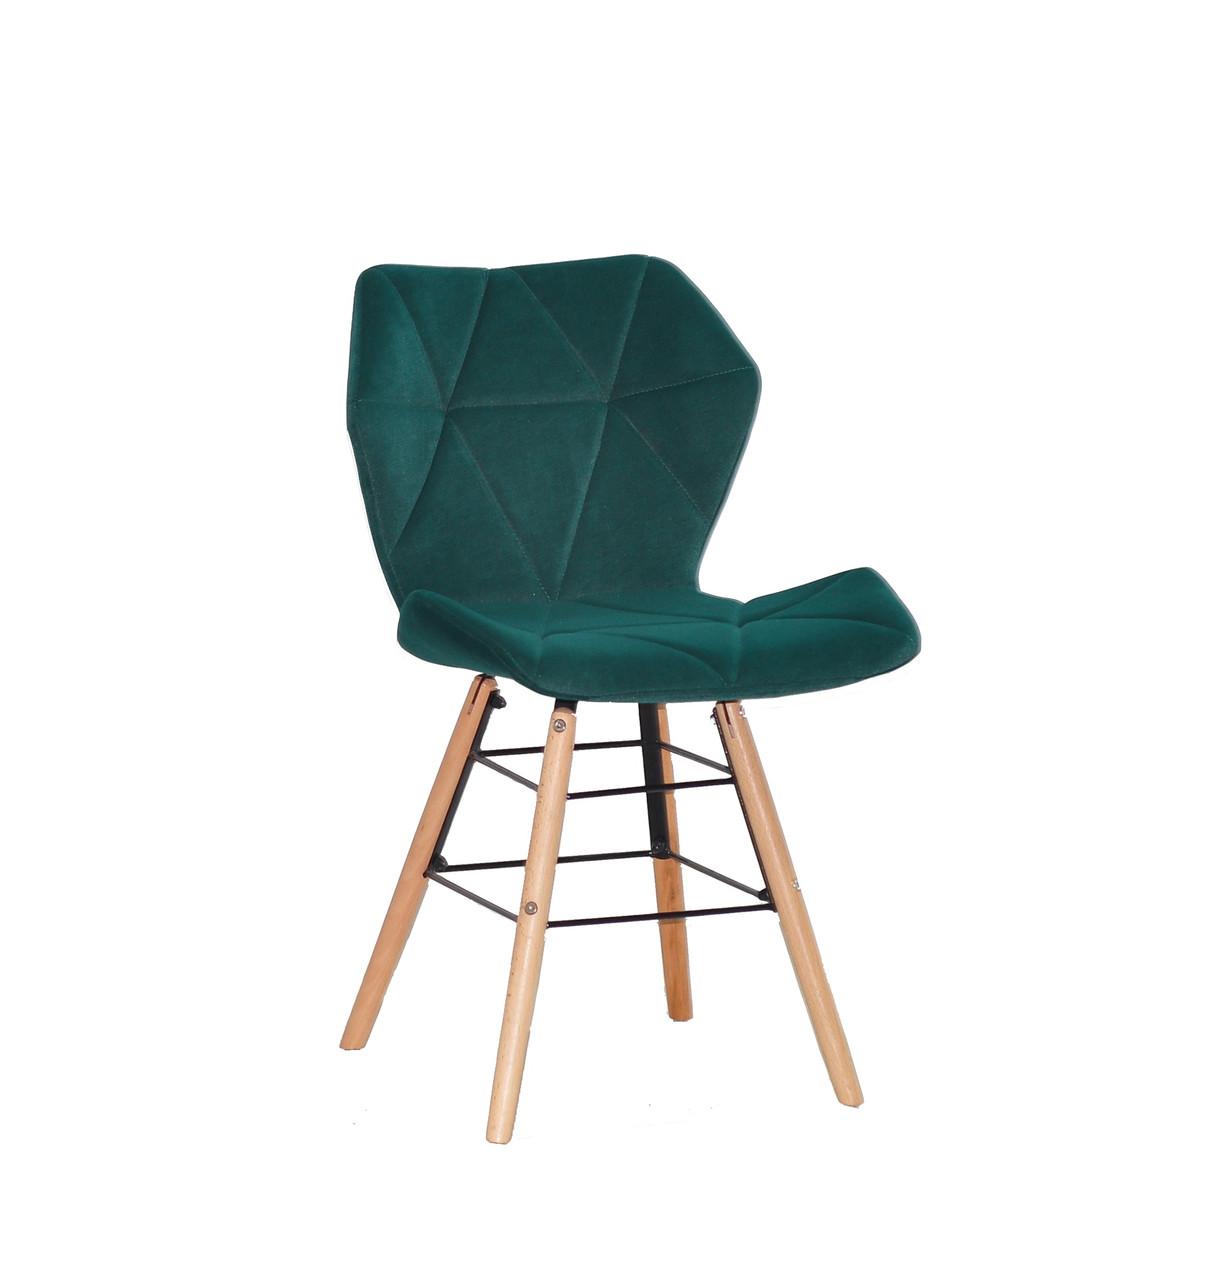 Стілець на дерев'яних ніжках зеленого кольору з оксамитовою оббивкою Greg-Q